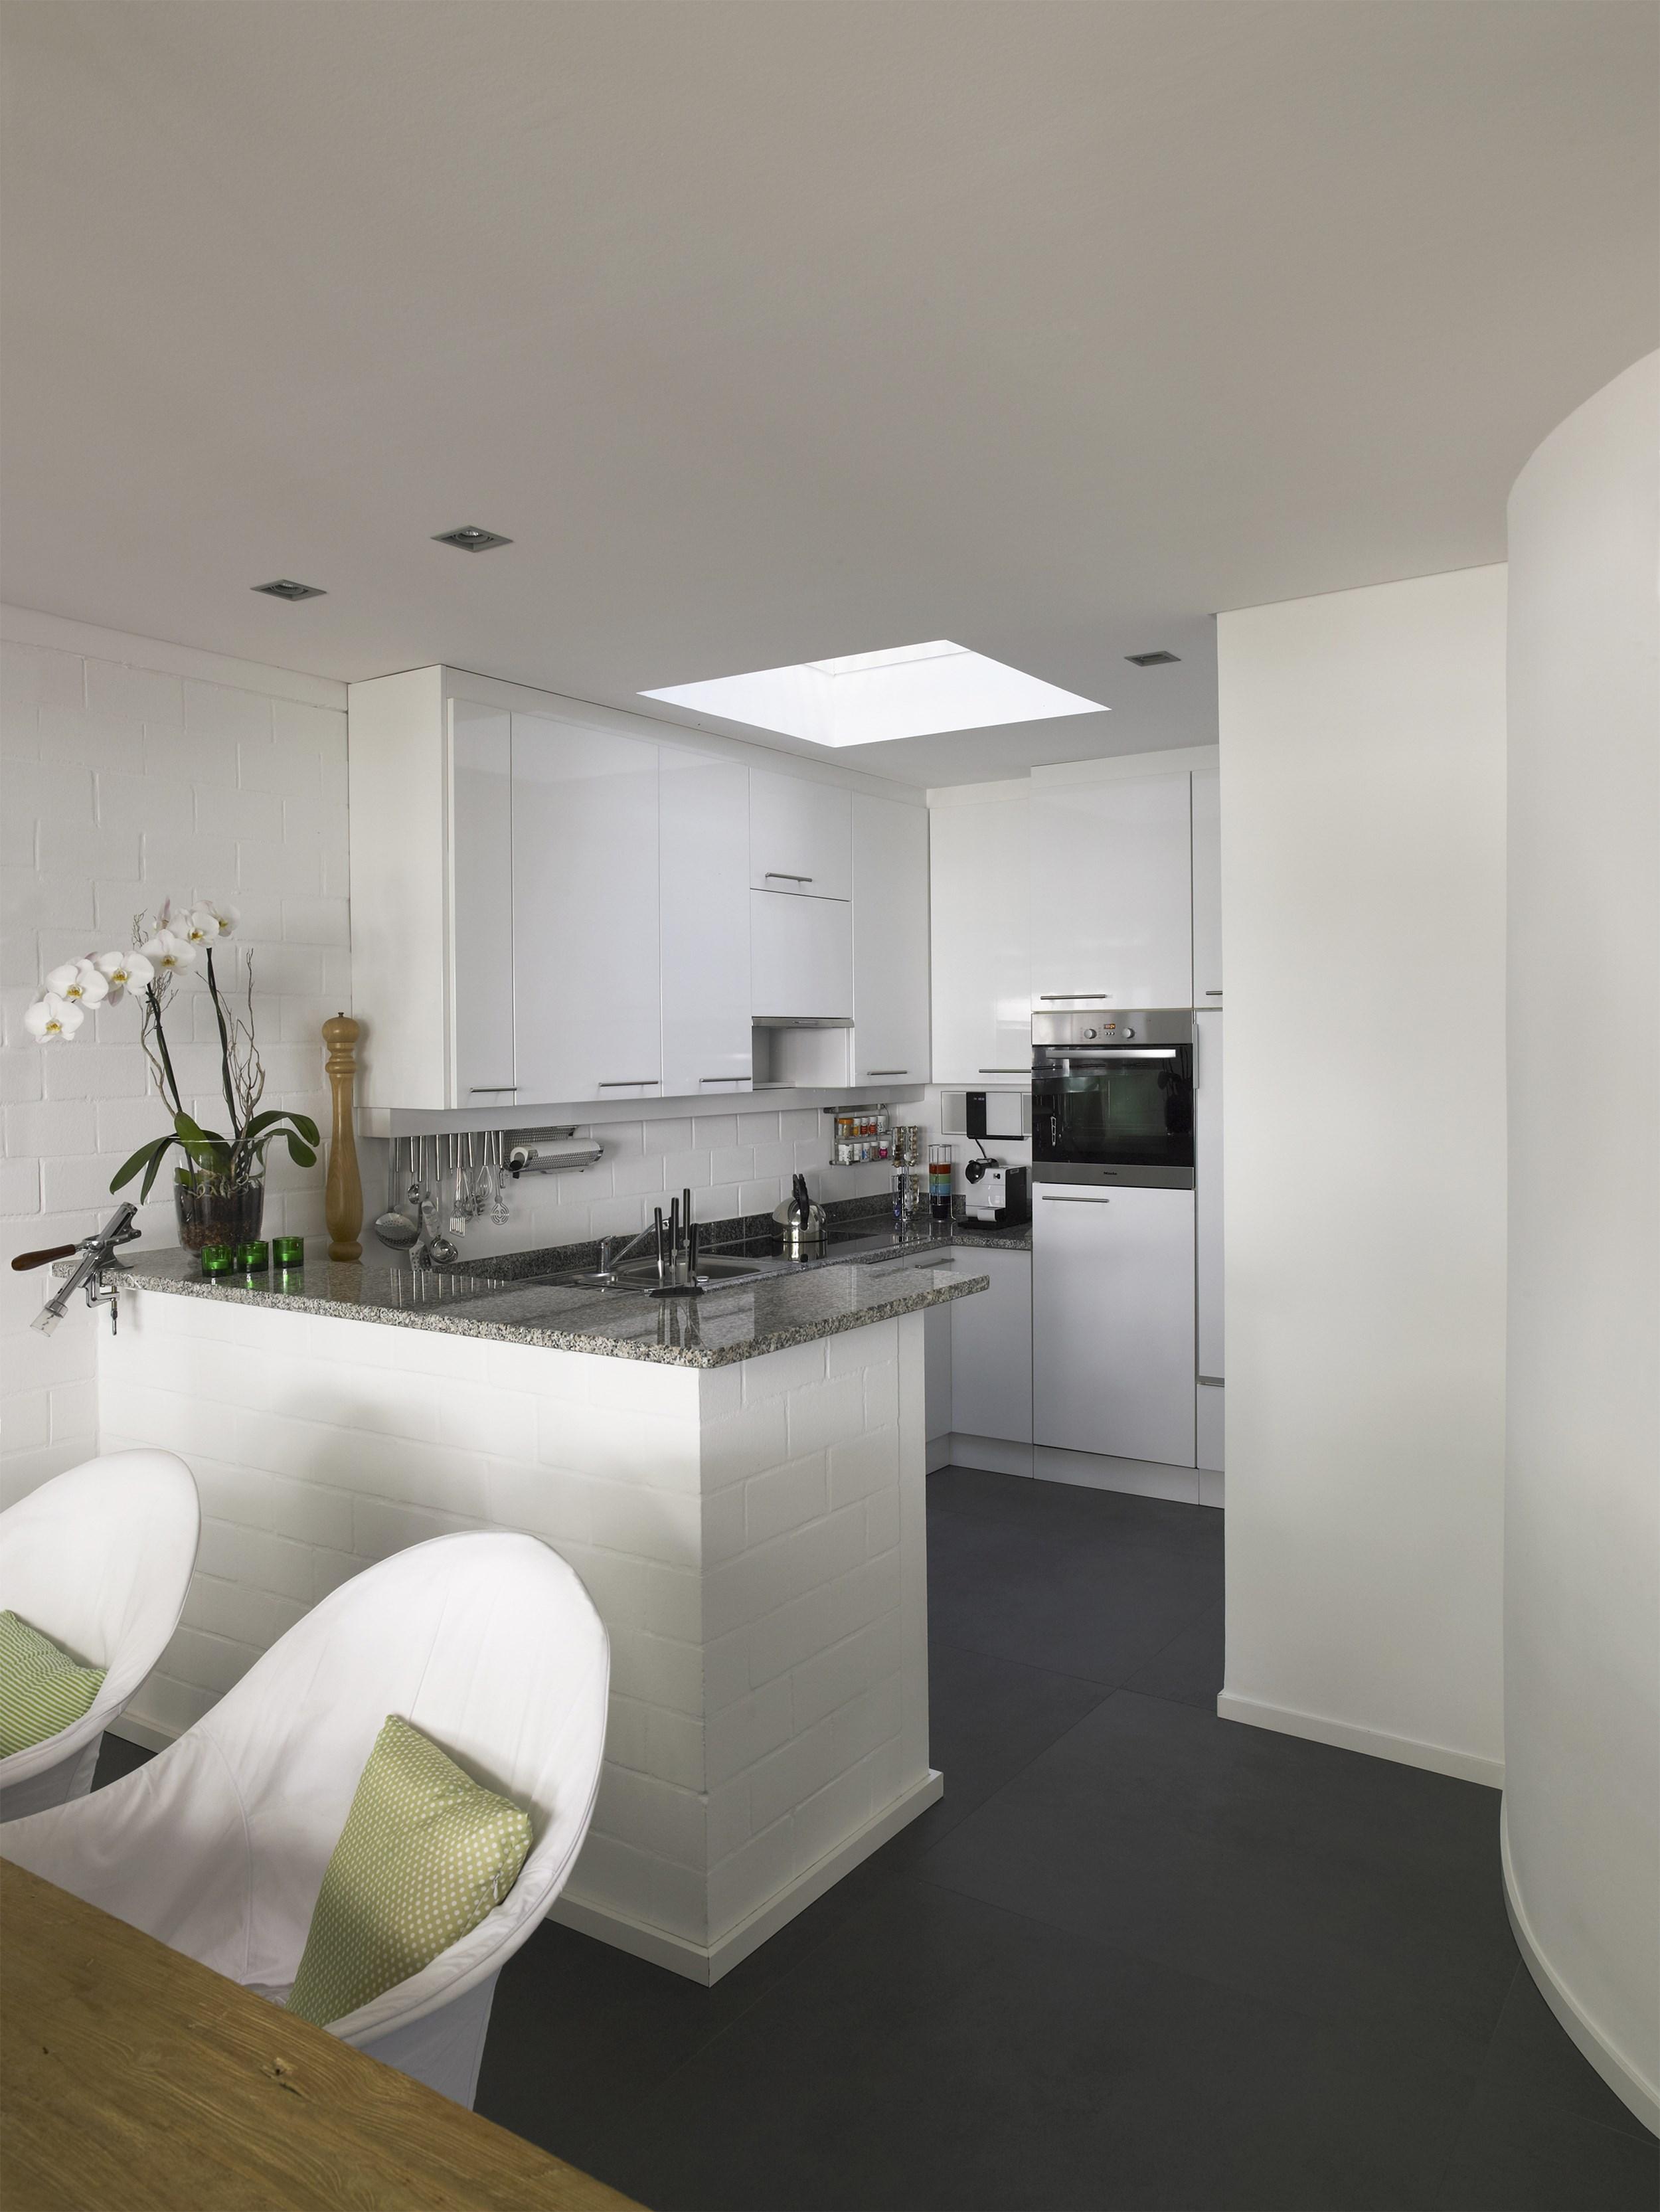 kundenbeispiele k chenrenovierung portas sterreich renovierung. Black Bedroom Furniture Sets. Home Design Ideas